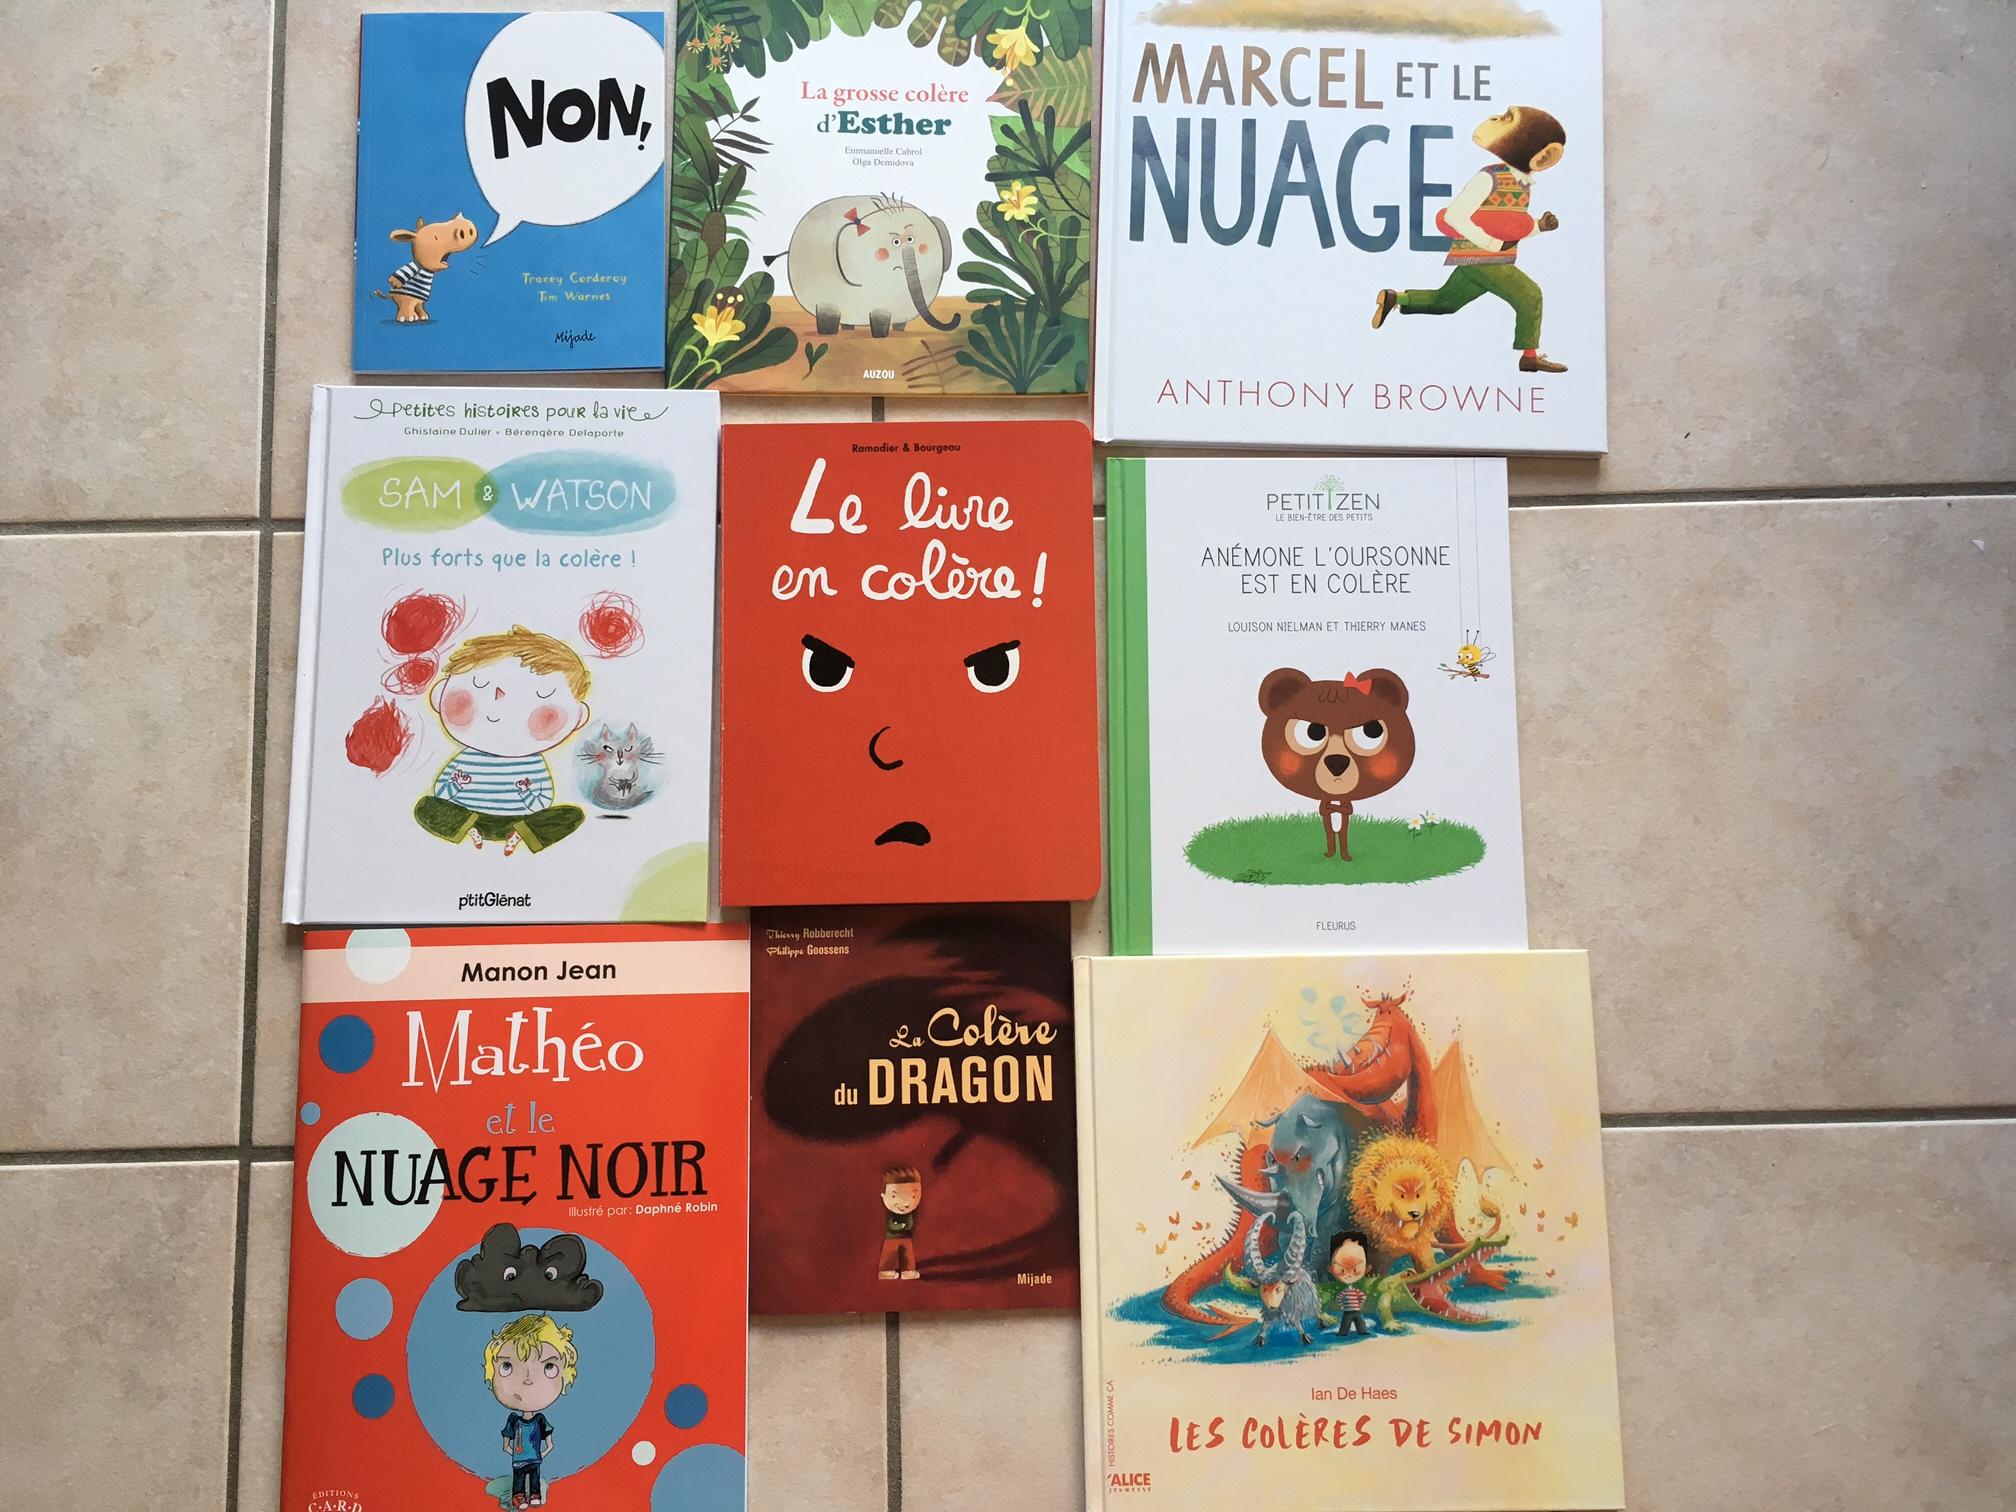 9 Livres Pour Aider Les Enfants A Exprimer Leur Colere Sans